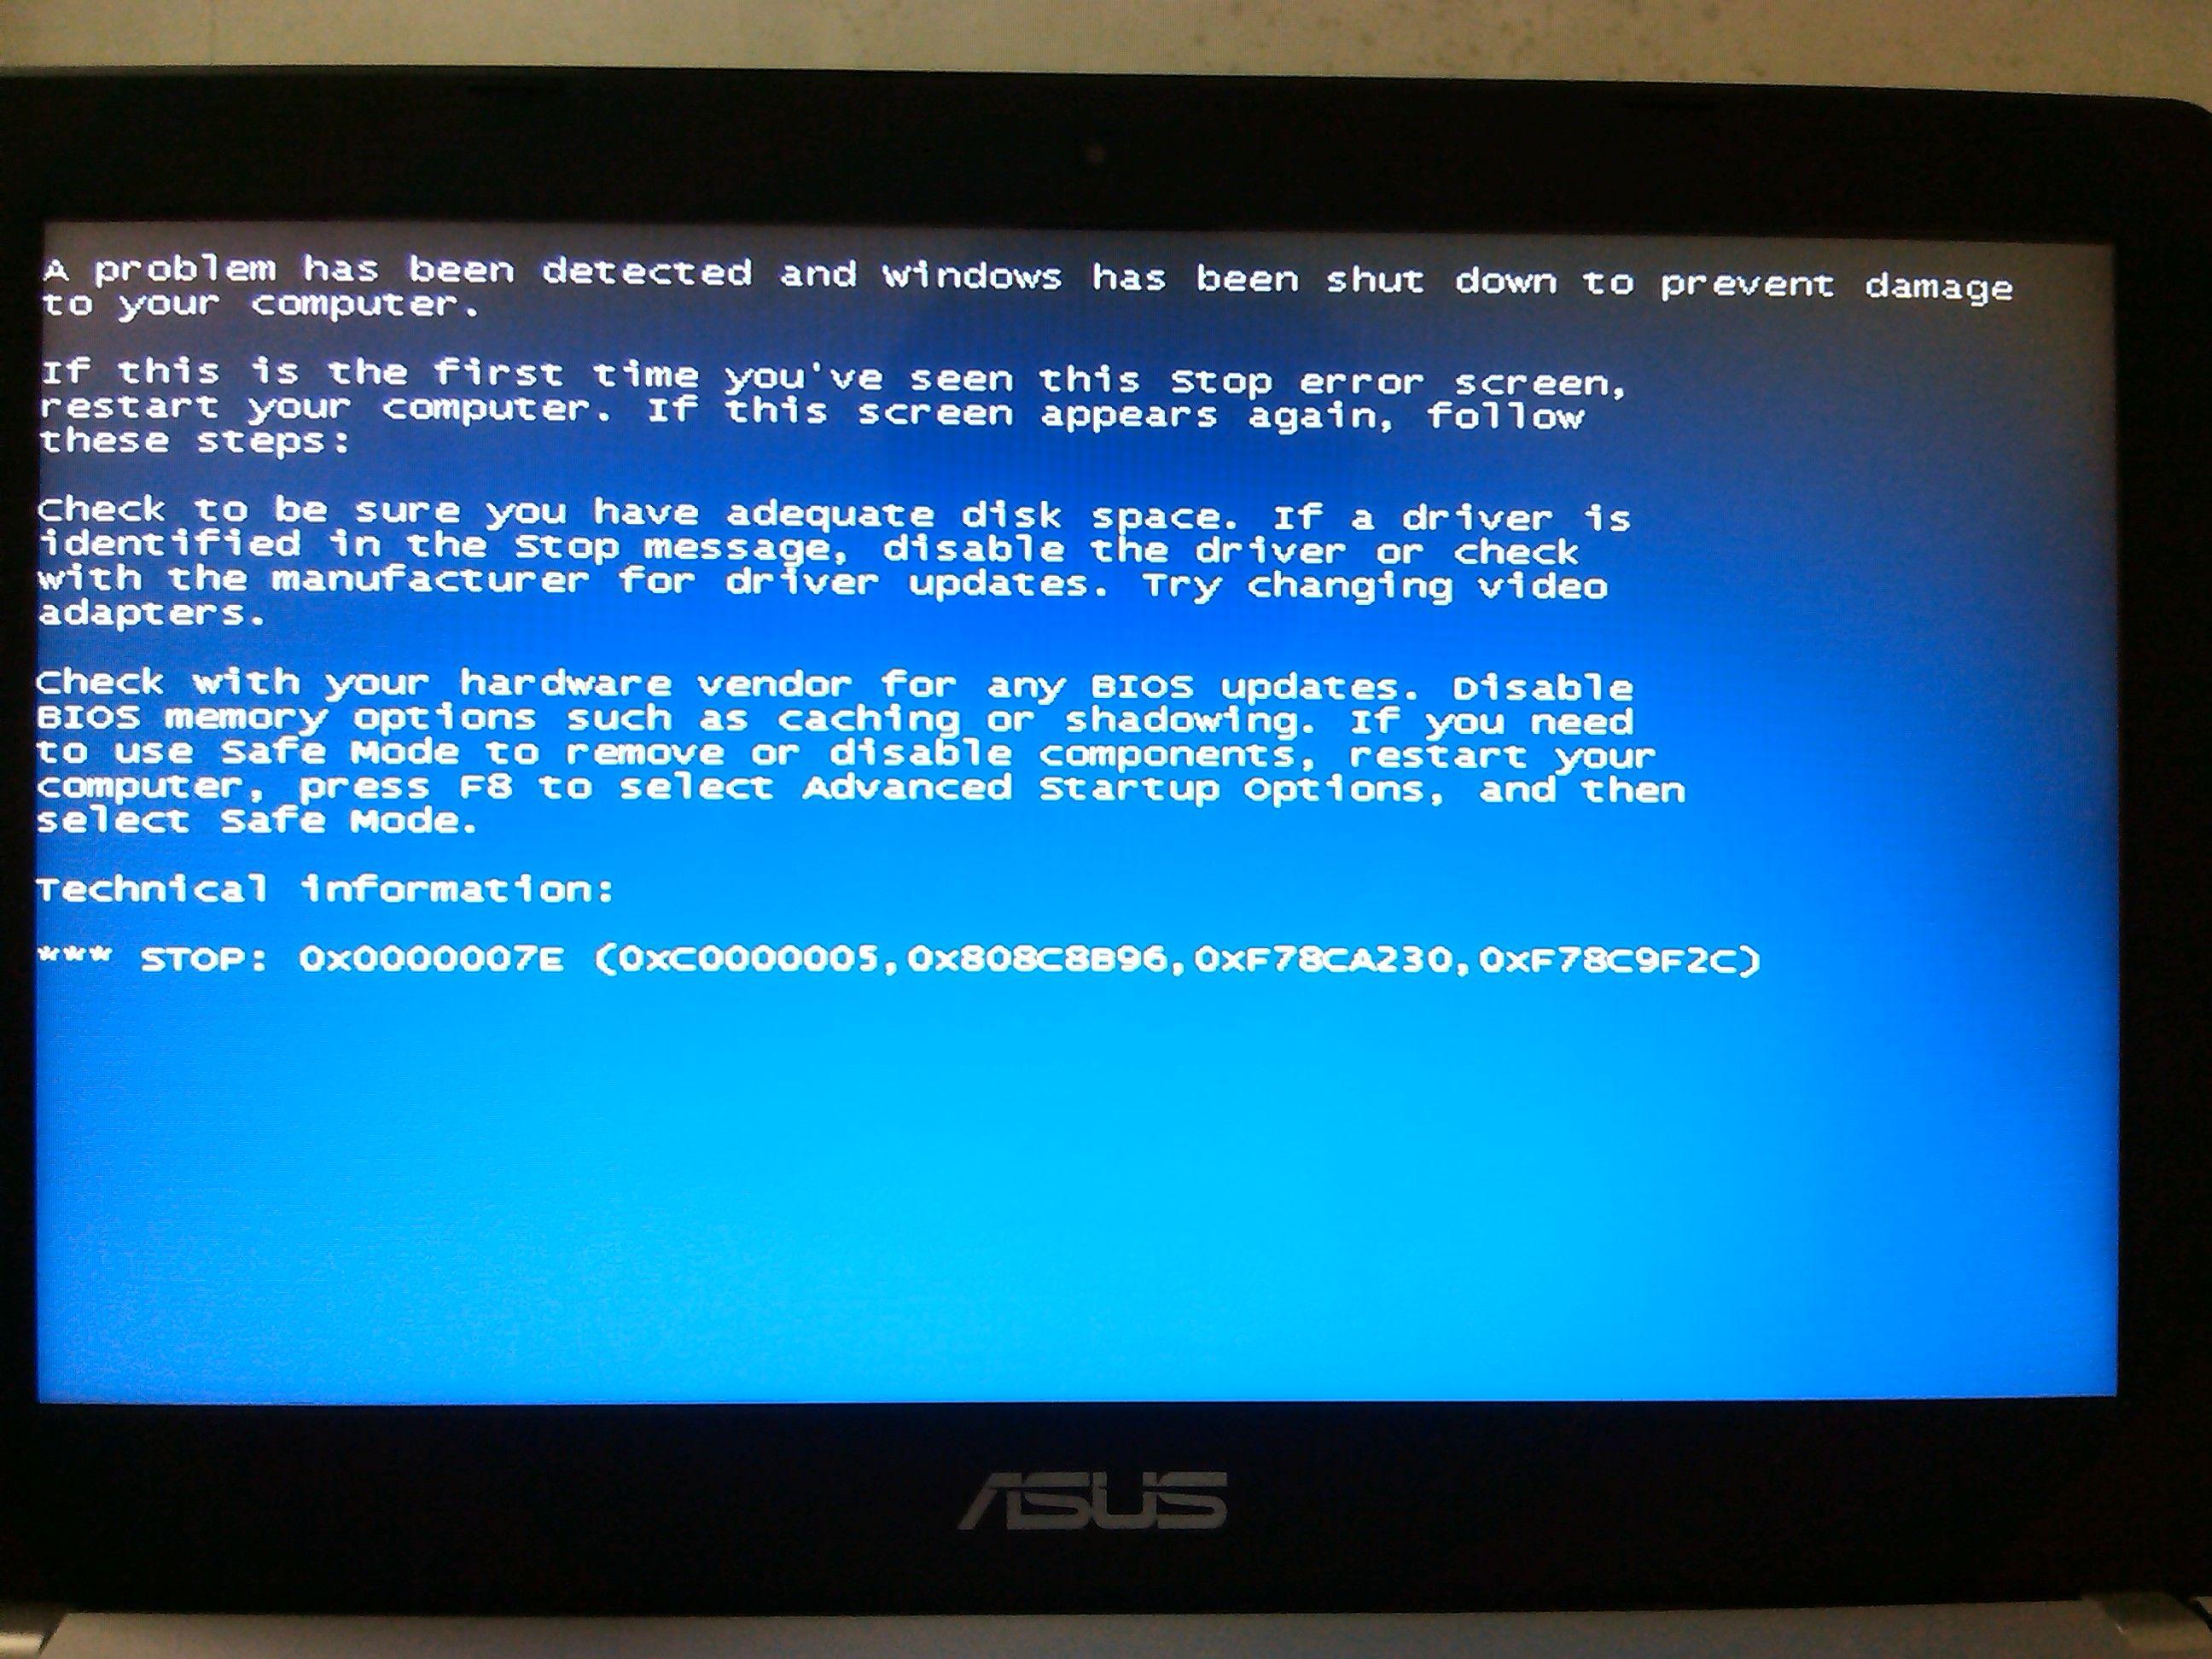 华硕k450j笔记本装xp系统会蓝屏,怎么办